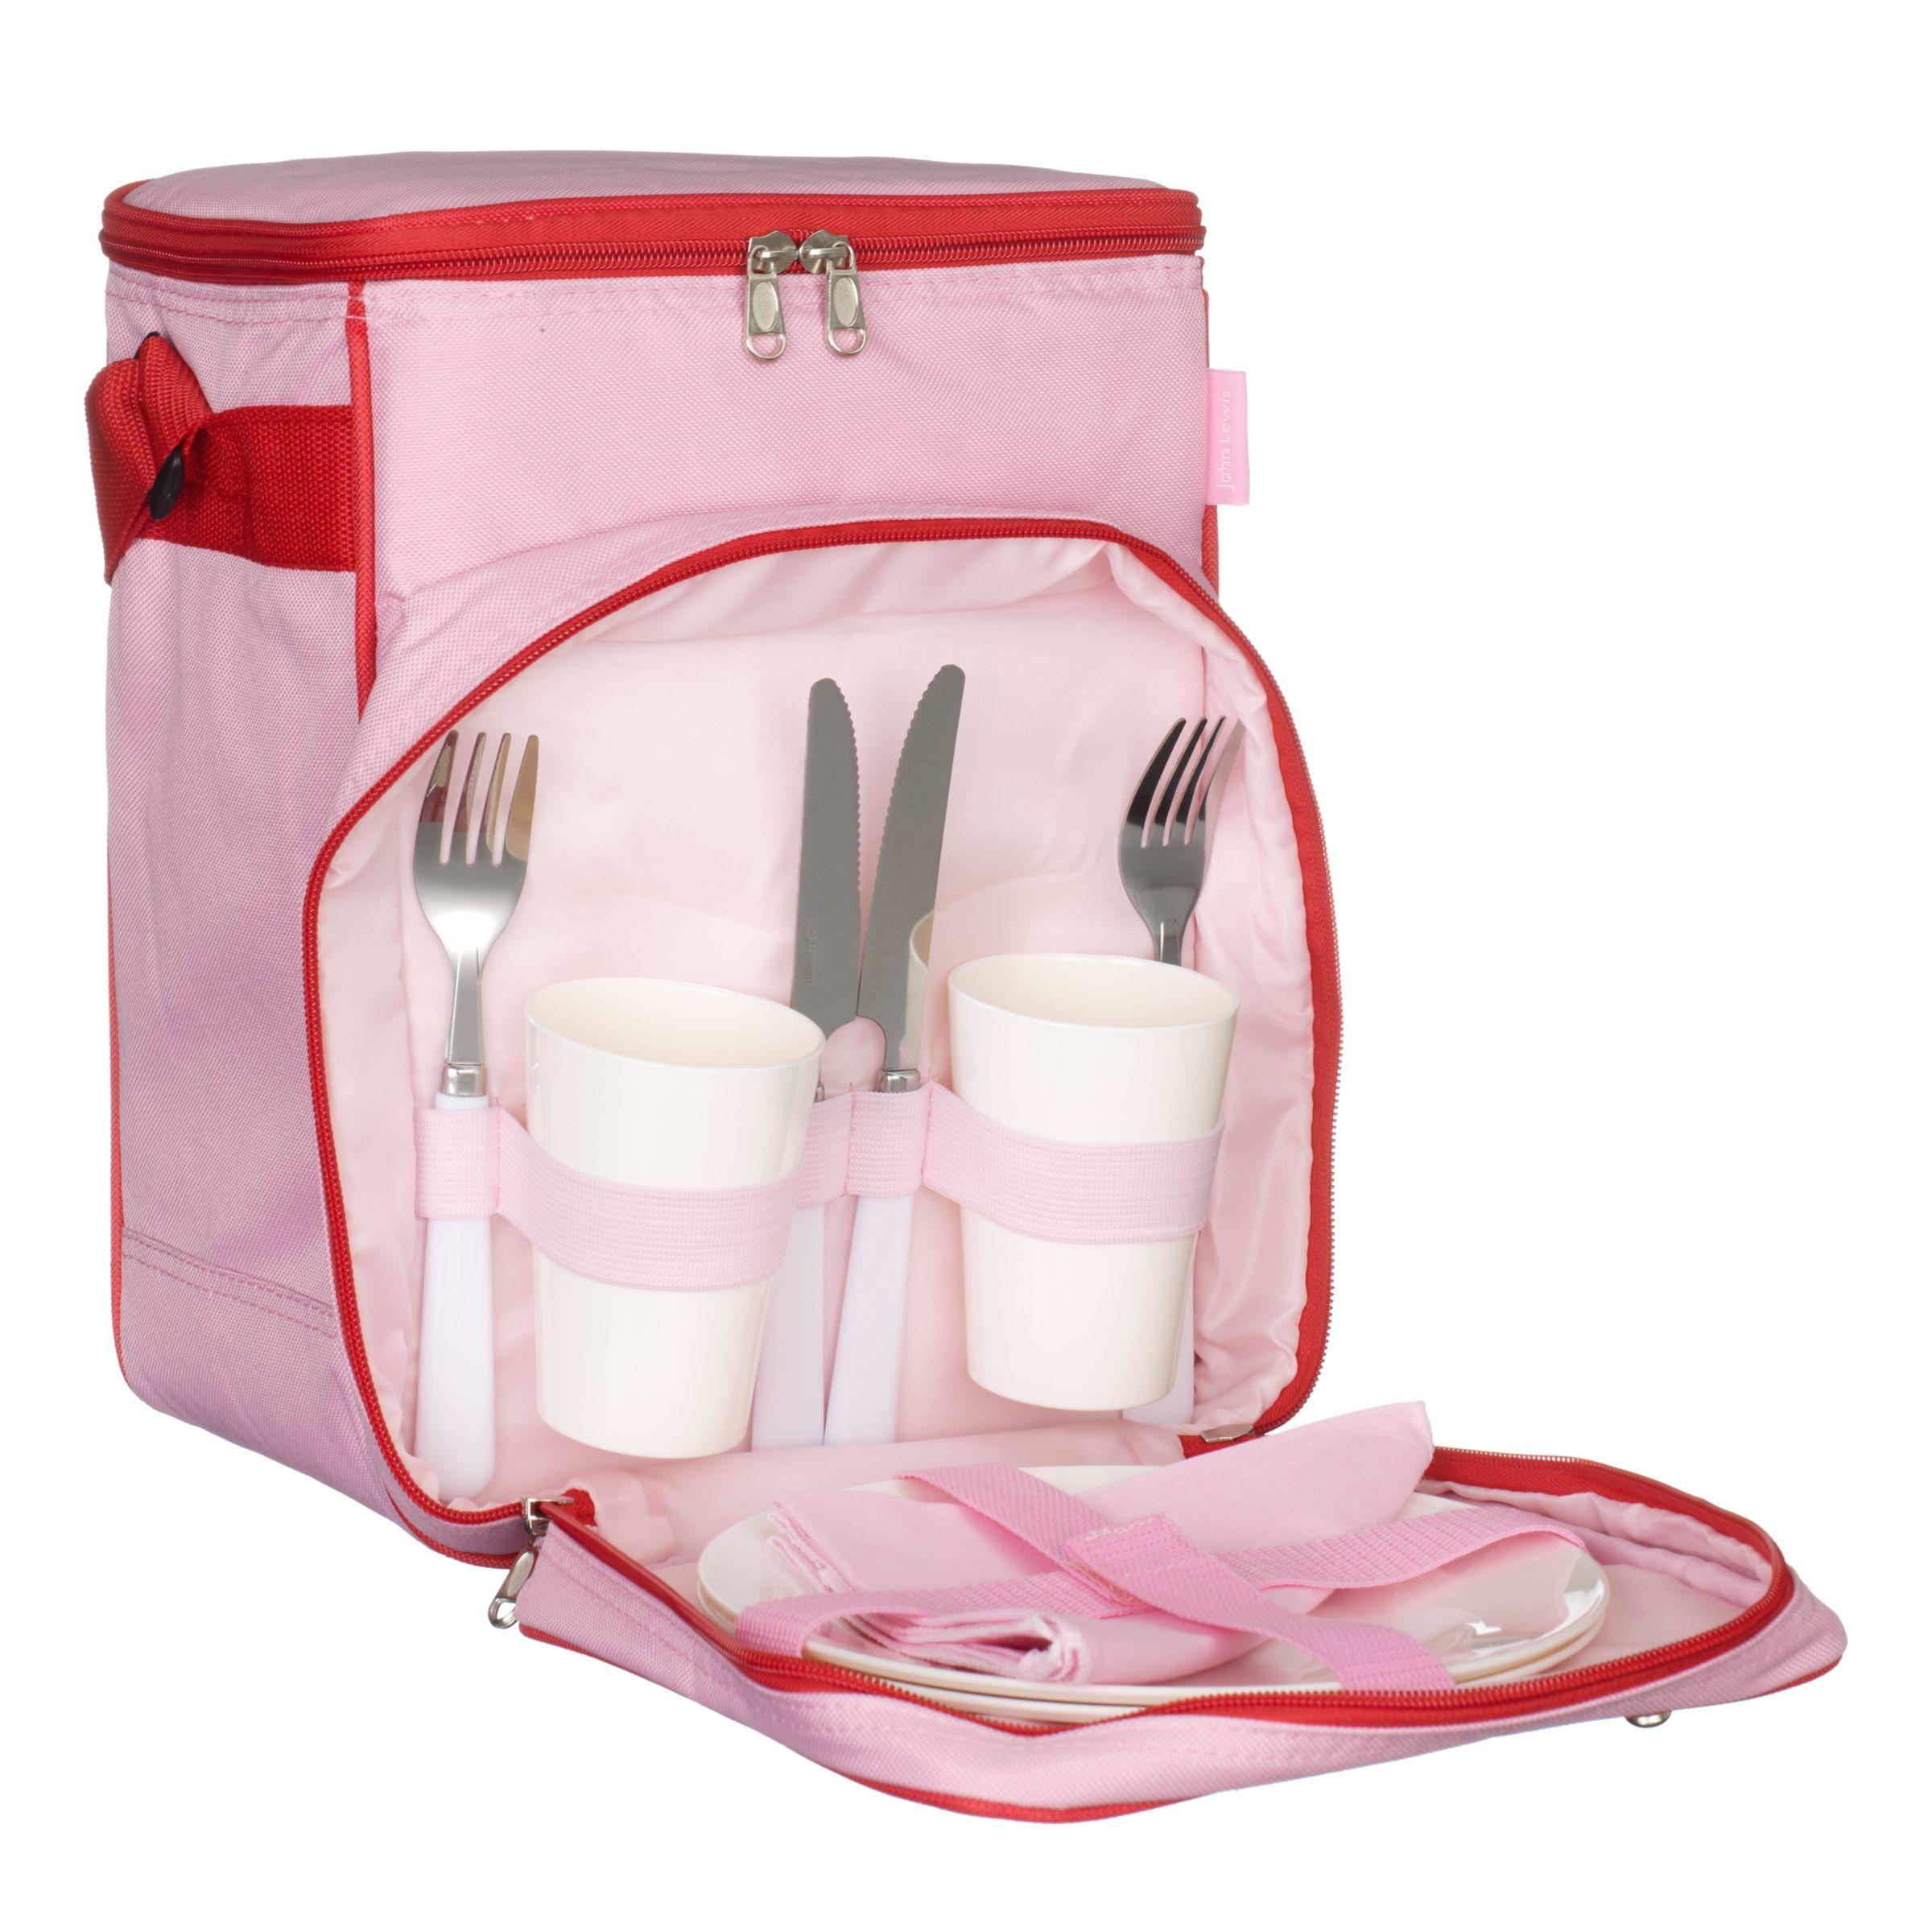 John Lewis 2 Person Picnic Cooler Bag Set, Red/ Pink